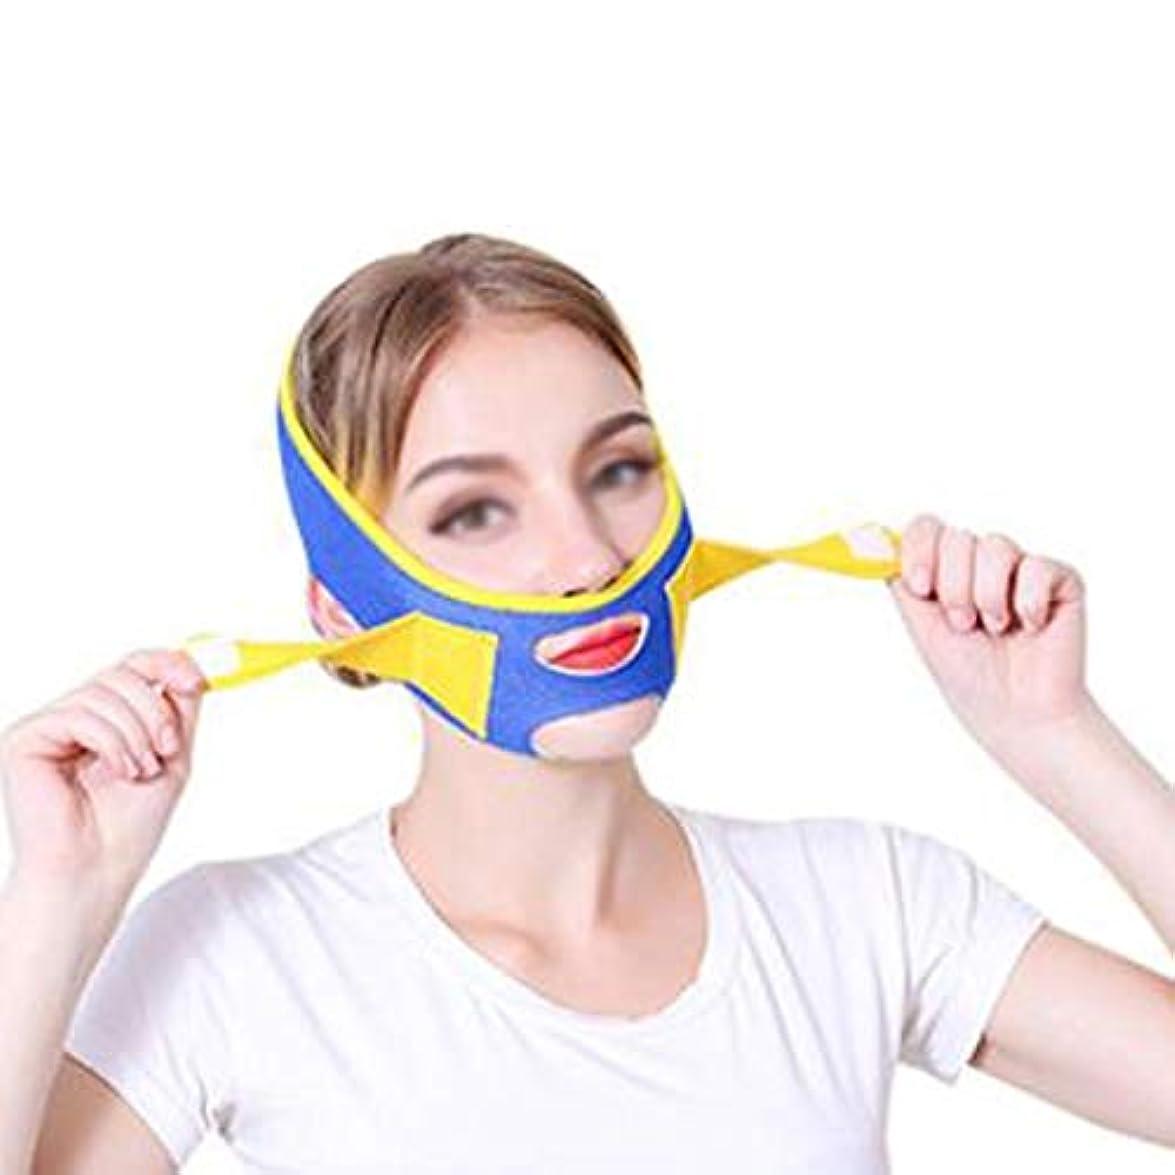 モーテル訴えるテーブルを設定するZWBD フェイスマスク, リフティングフェイスマスク抗たるみVフェイスリフティング包帯を布布する薄い二重あご通気性睡眠マスクギフト